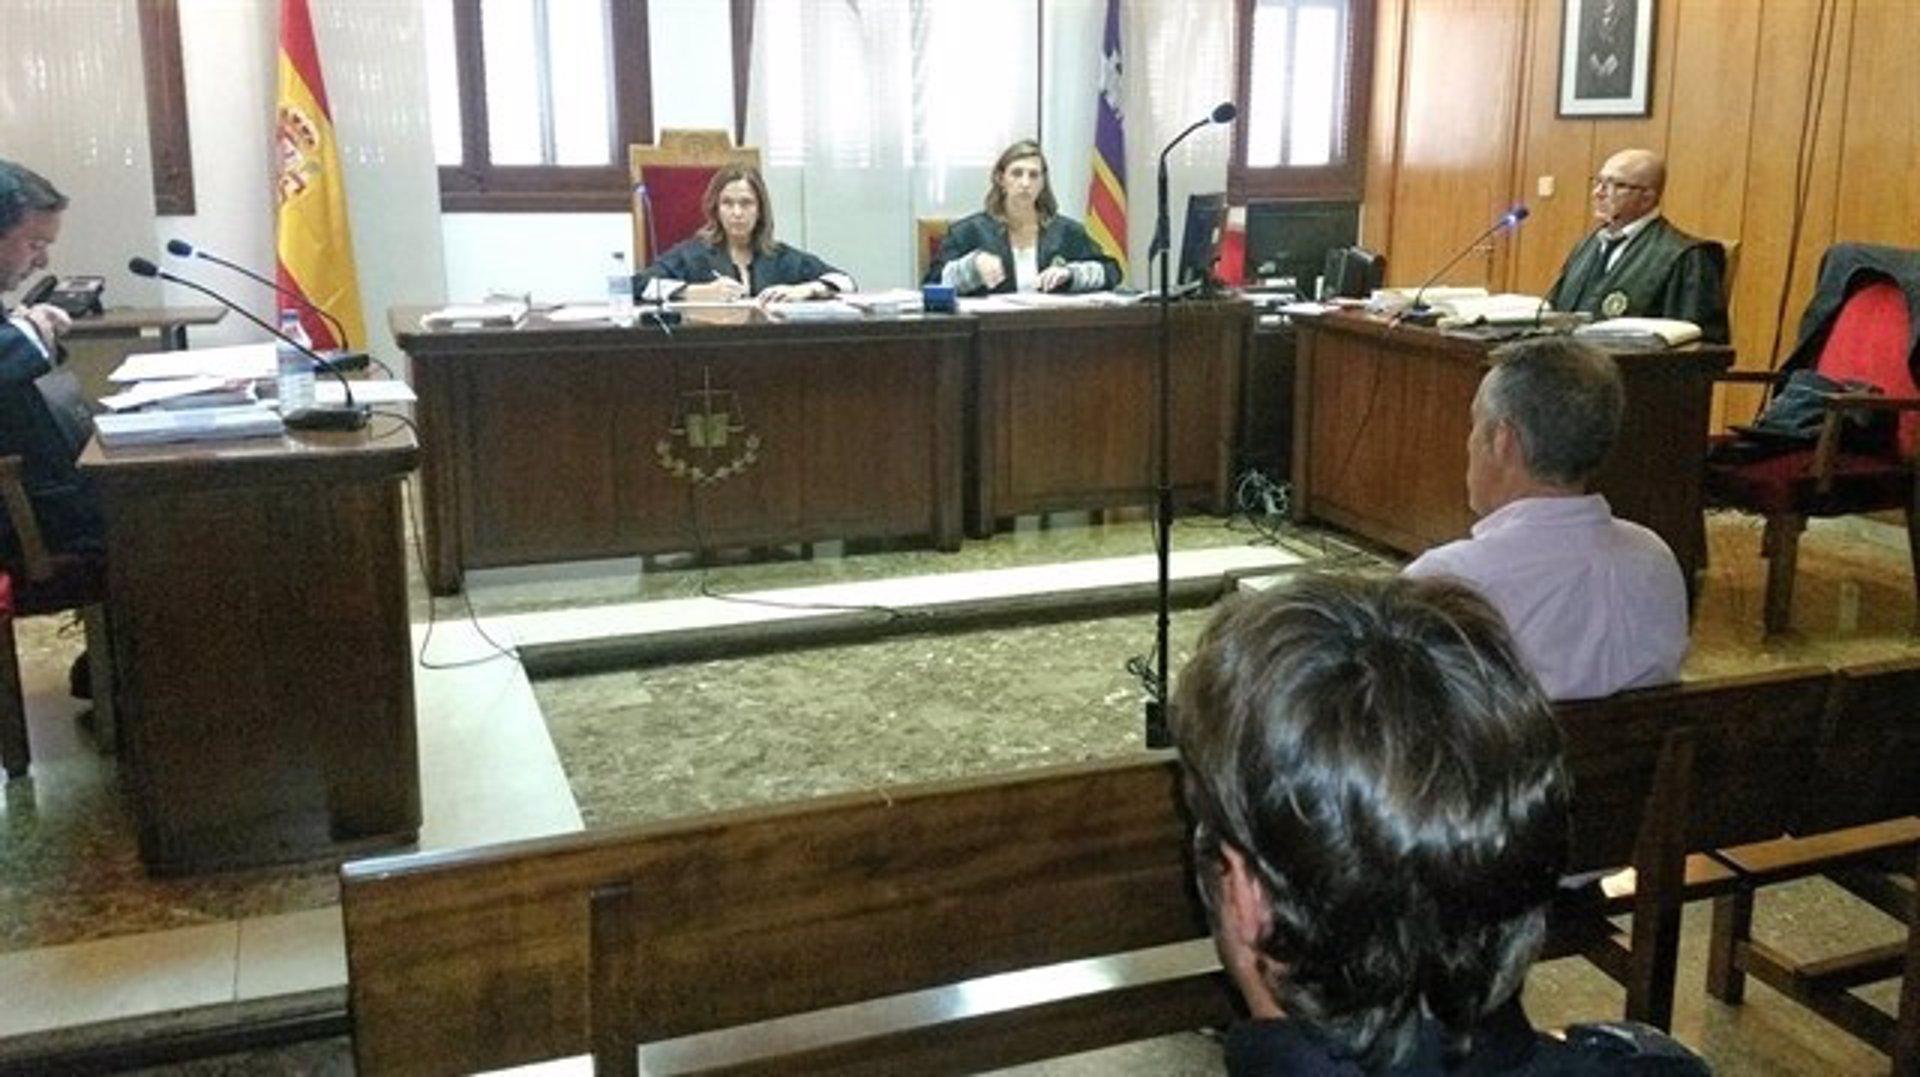 Condenan a 15 meses de prisión al sobrino de Cursach y ordenan su puesta en libertad